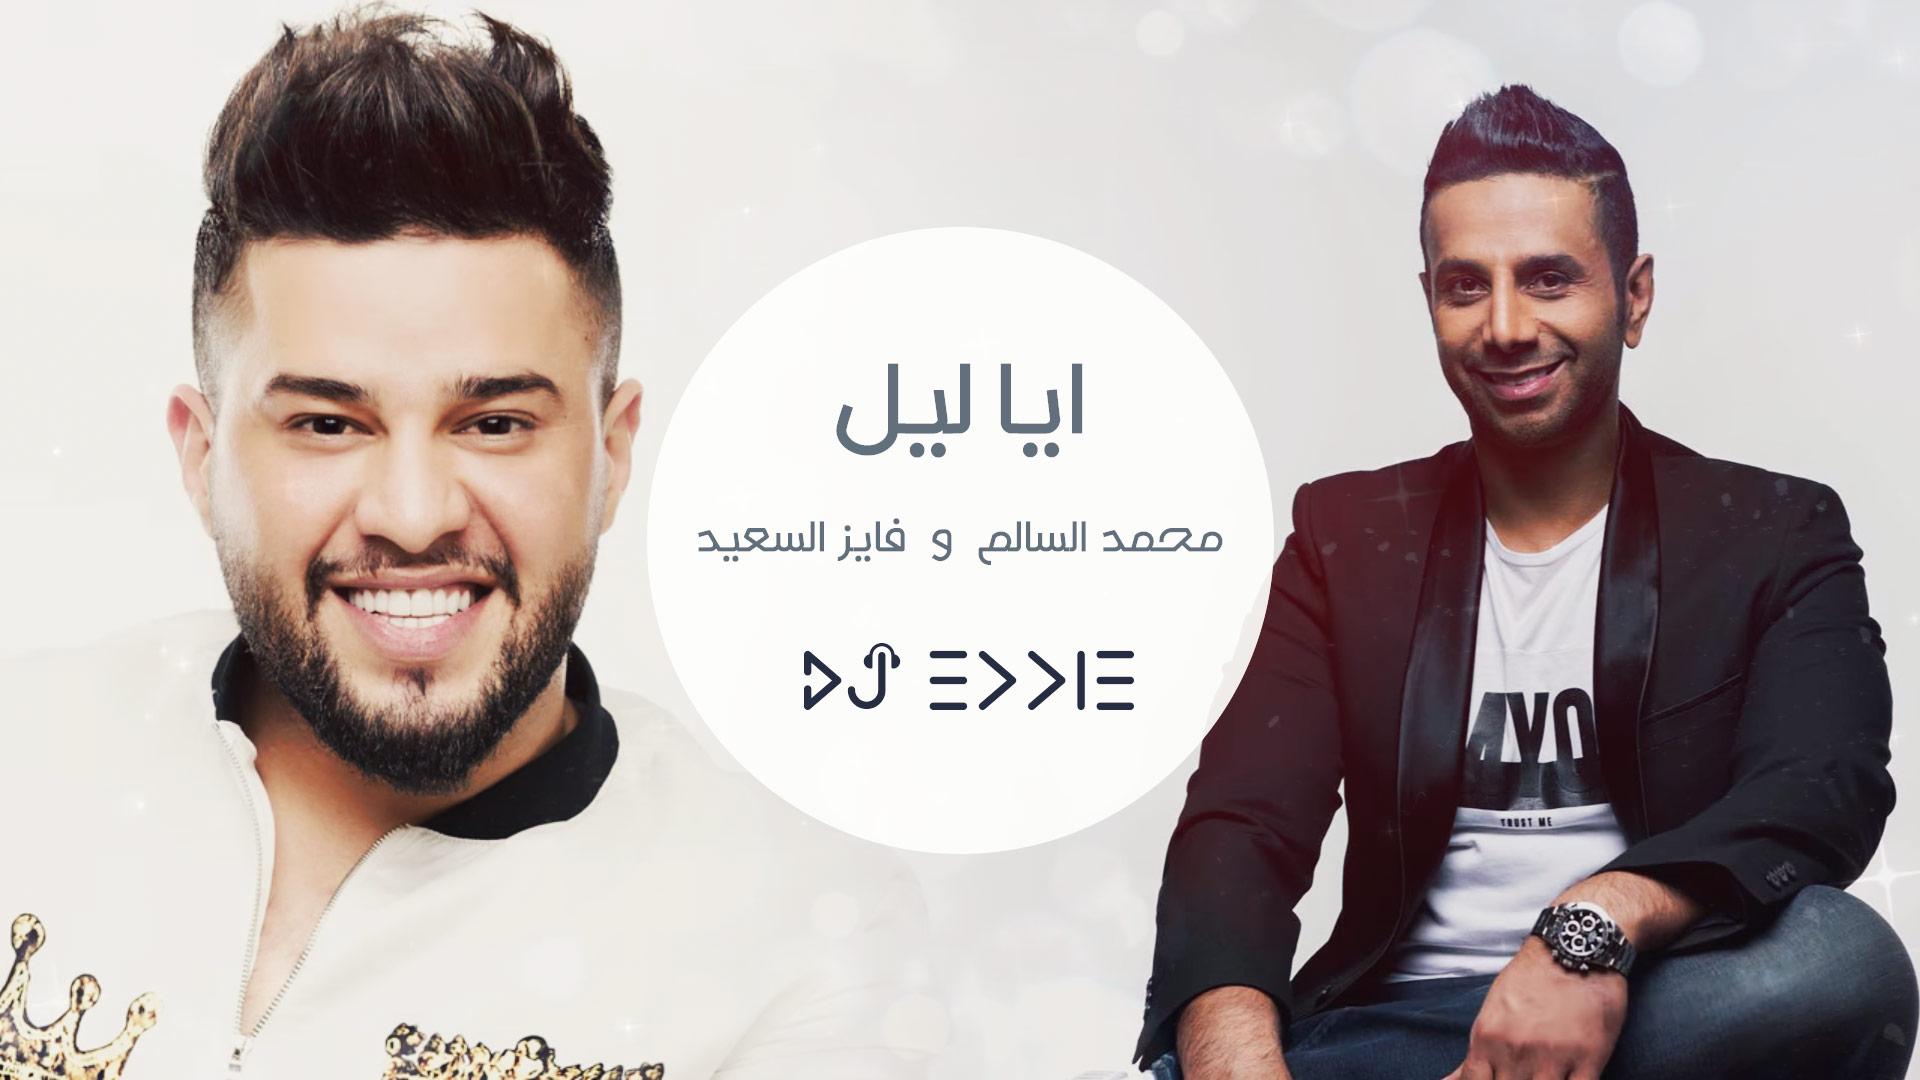 محمد السالم وفايز السعيد - ايا ليل Mohamed Alsalim ft. Fayez Al Saeed - Ah Ya Lail